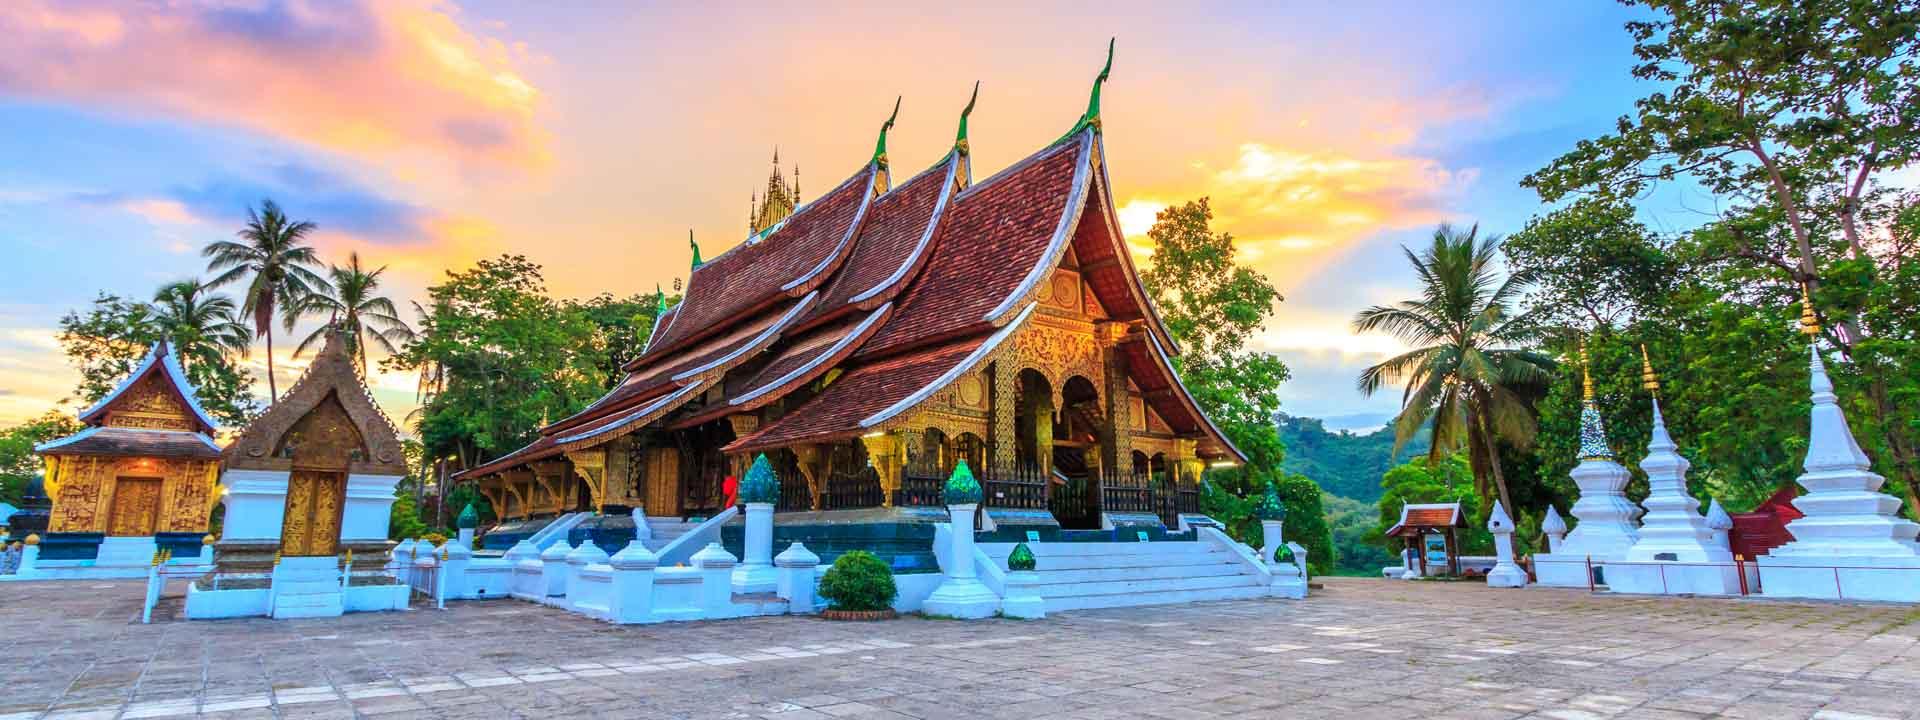 Essentials of Laos 4 days